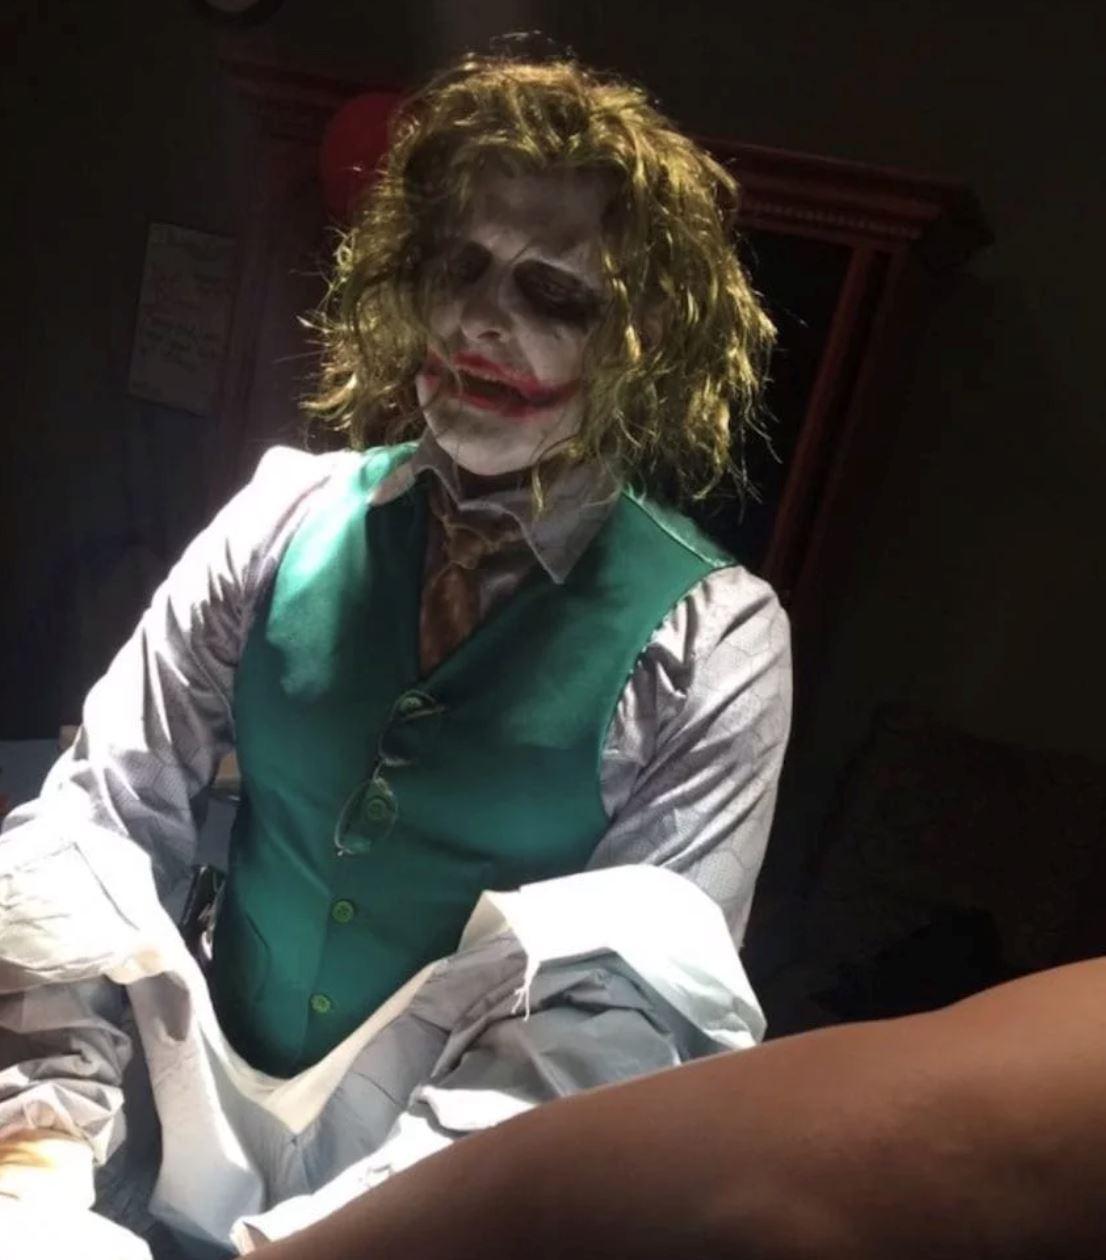 joker sambut baby baru lahir di tennessee